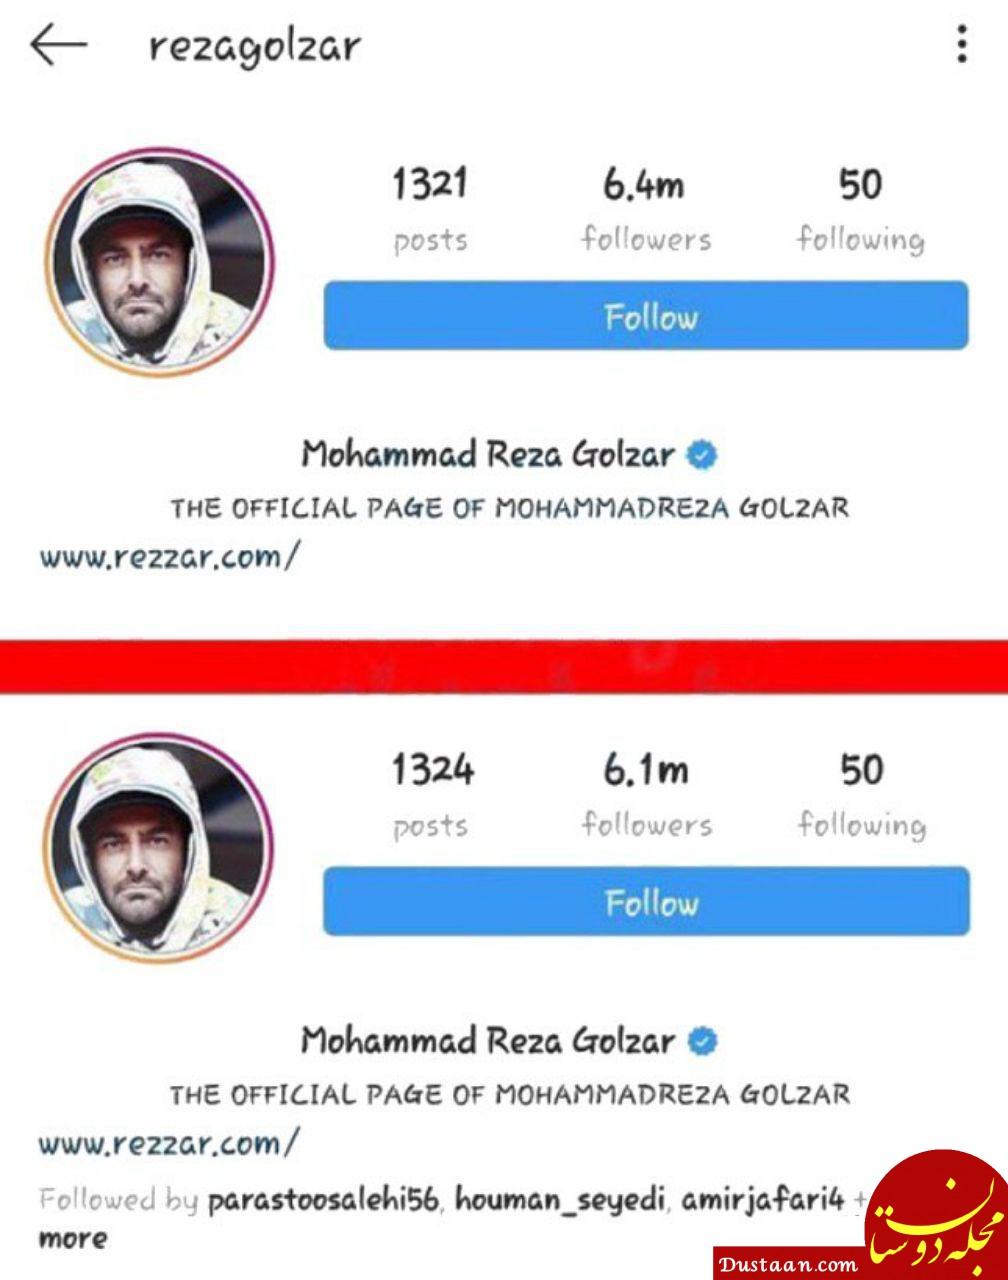 www.dustaan.com ریزش دنبال کننده های گلزار در اینستاگرام پس از ادعای جنجالی اش!